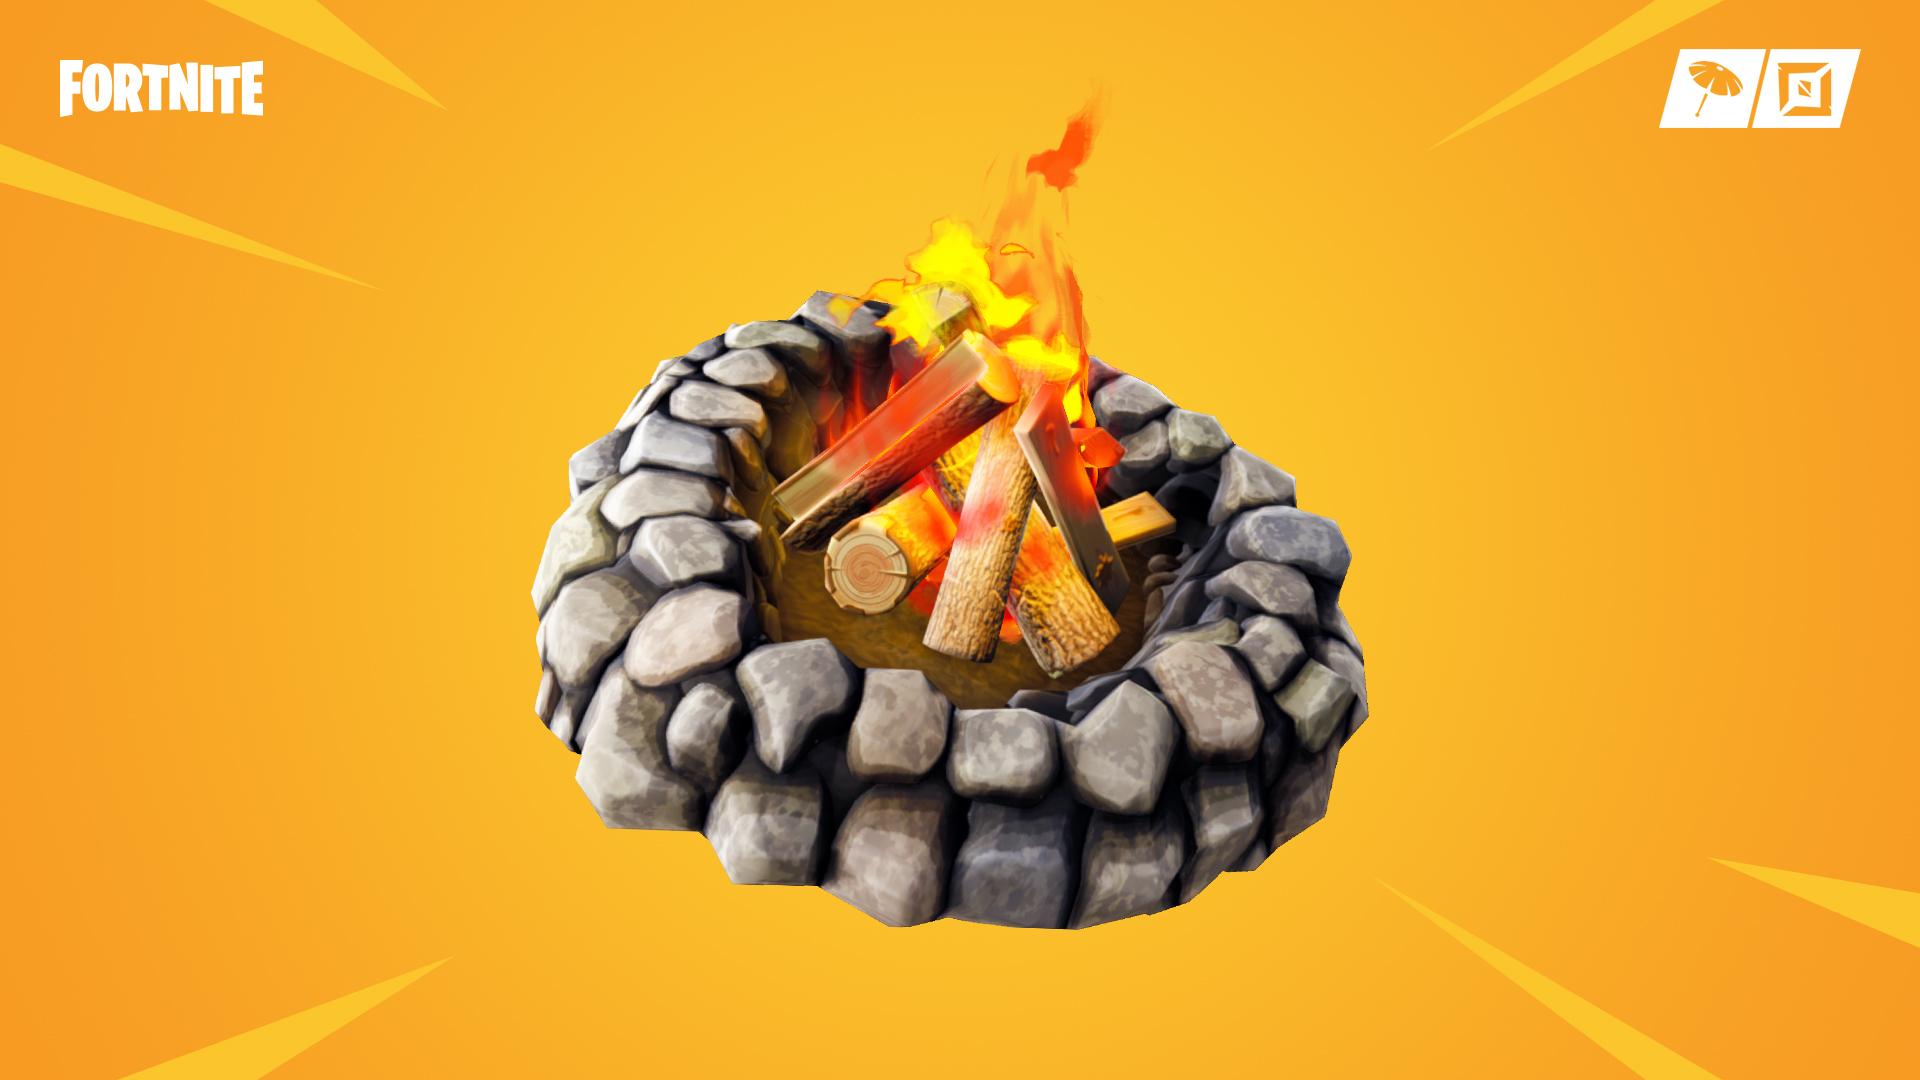 fortnite foraged campfires